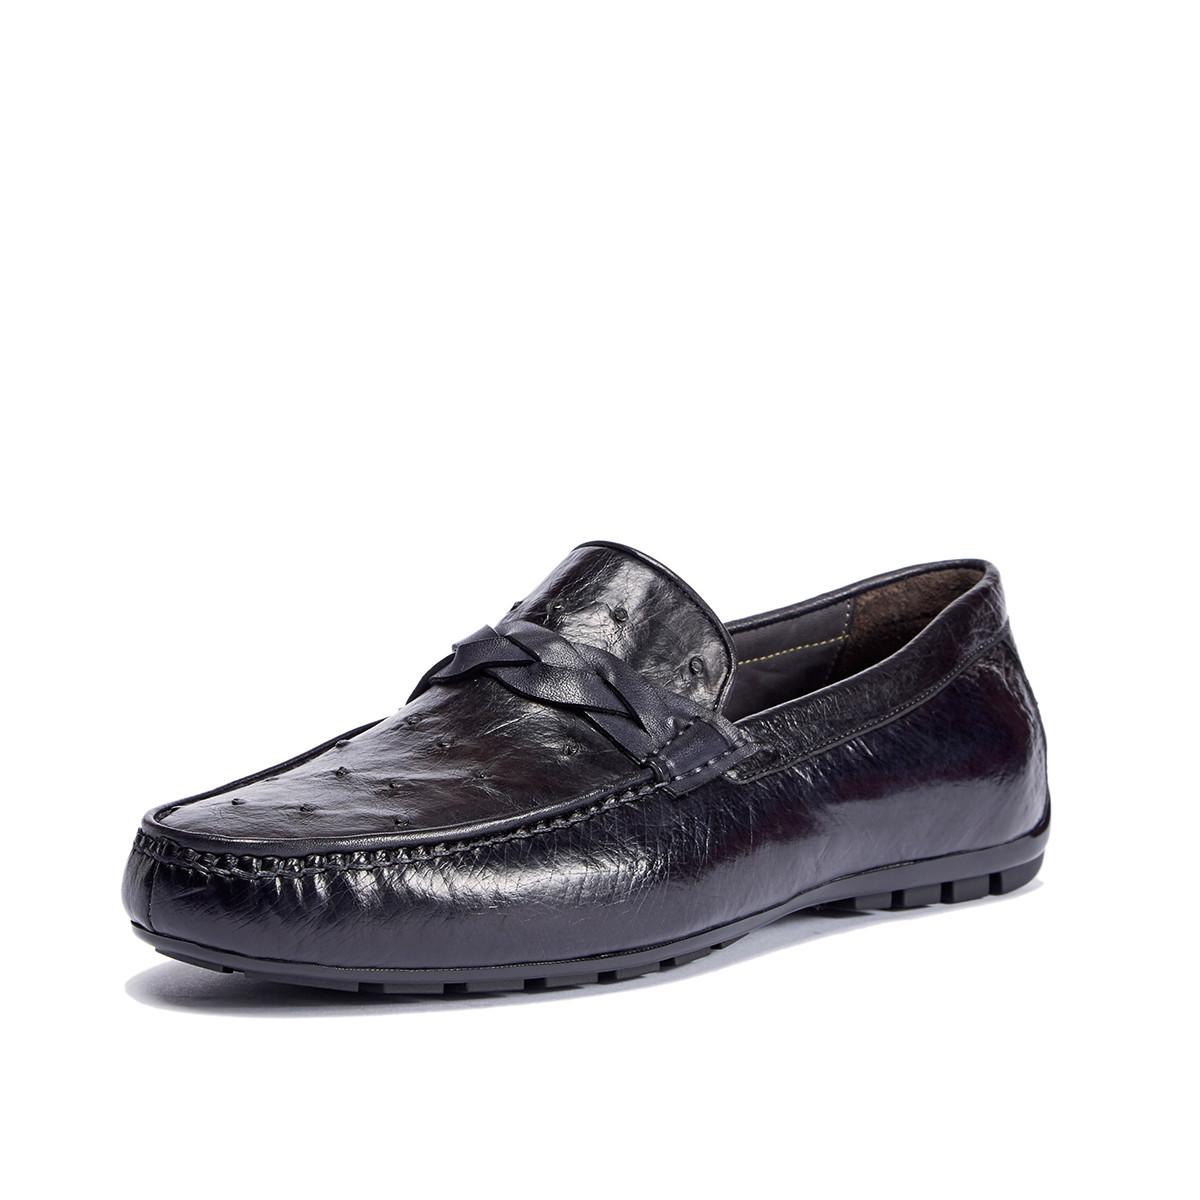 迪宝·阿治奥2019新款 擦色真鸵鸟皮豆豆鞋男士商务皮鞋男鞋男士皮鞋DJ1A2115011J